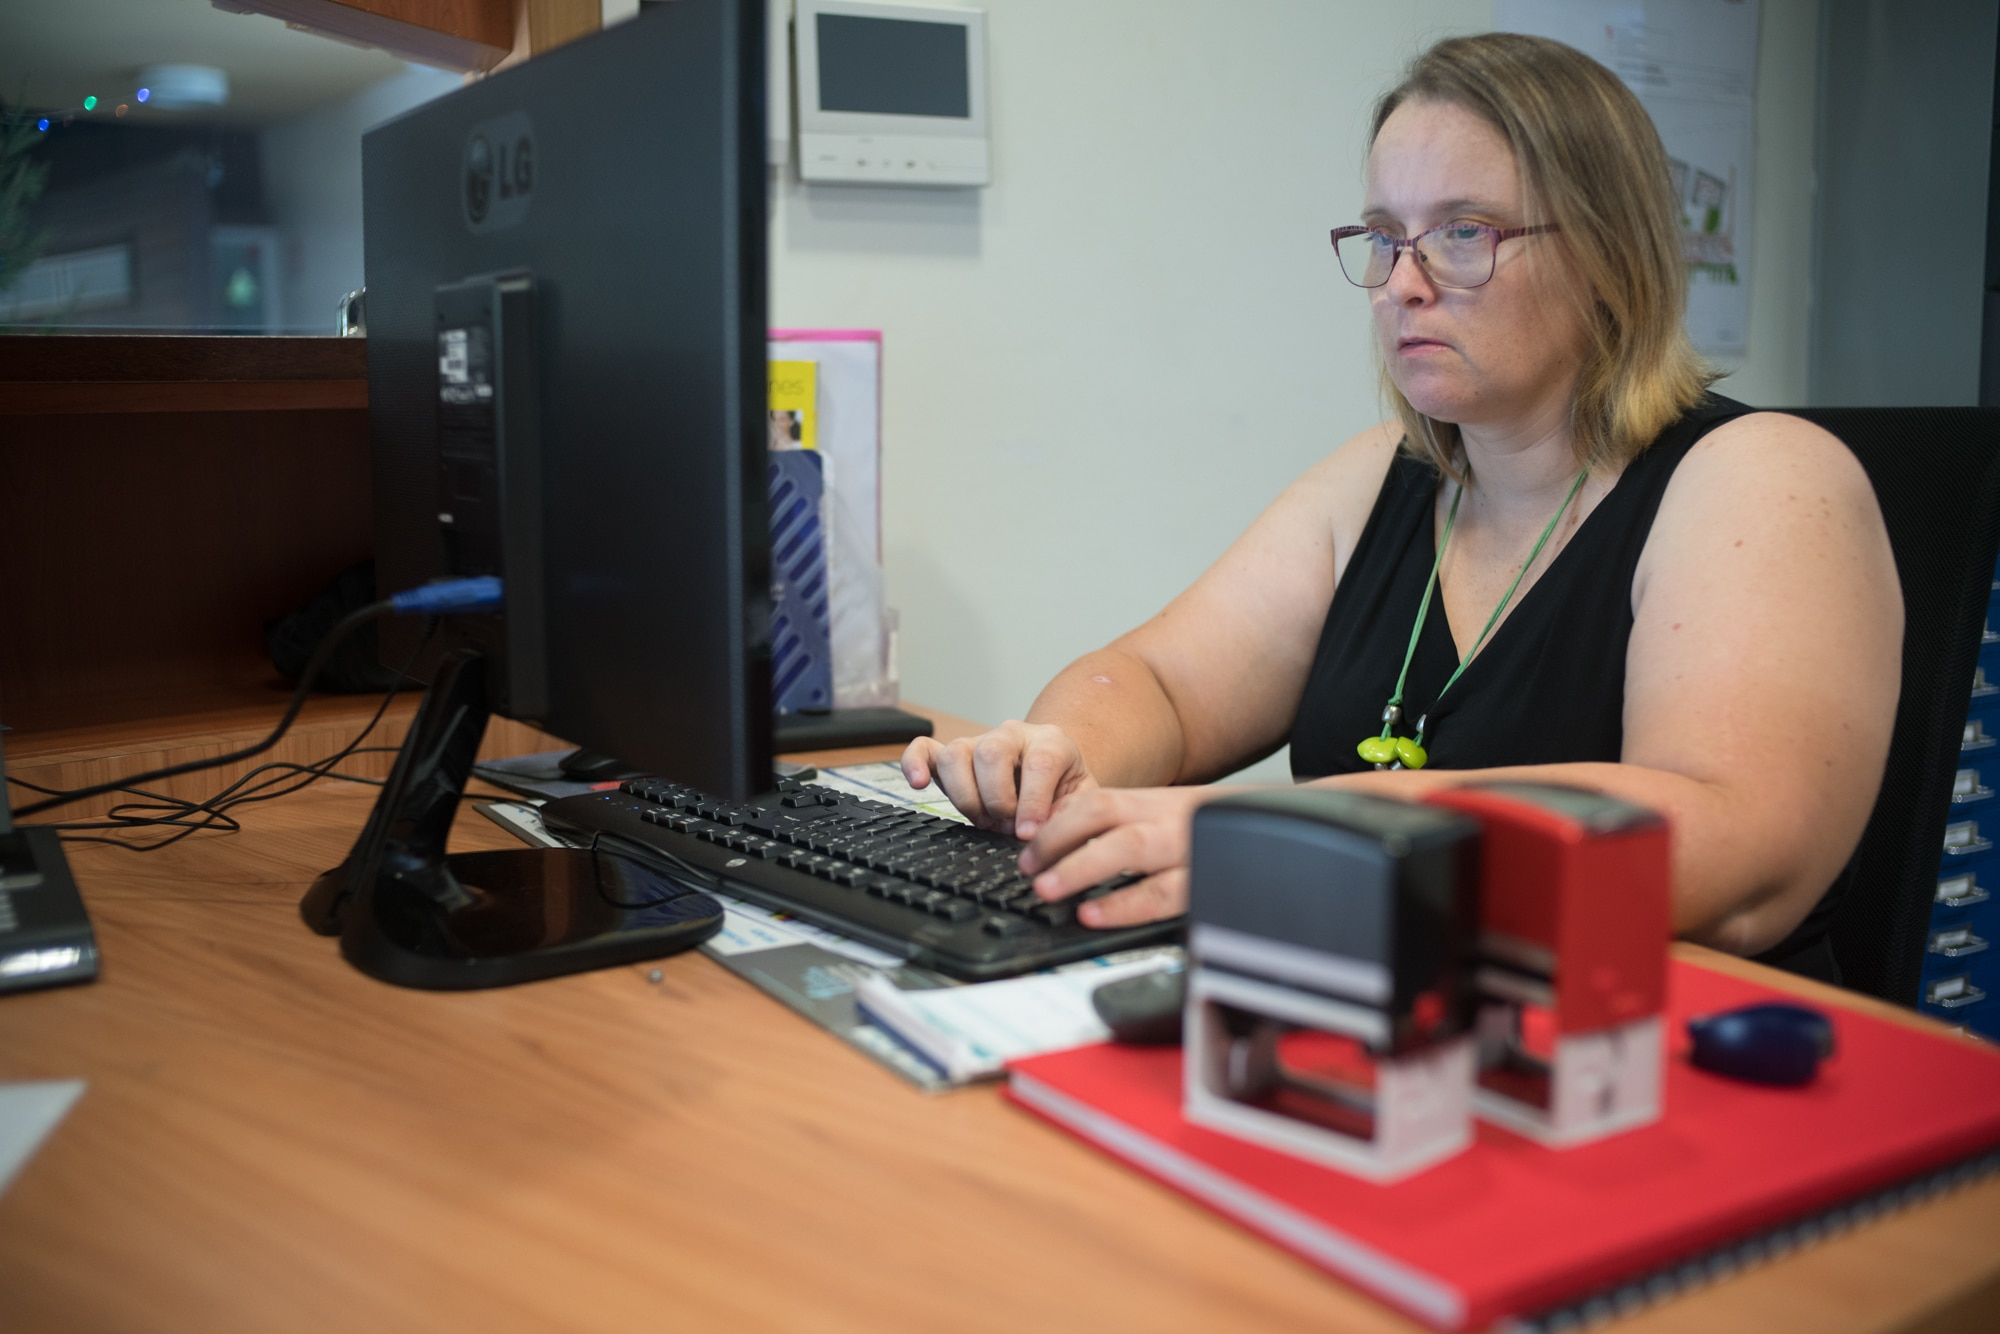 Assise à son bureau, Lucy consulte son ordinateur.